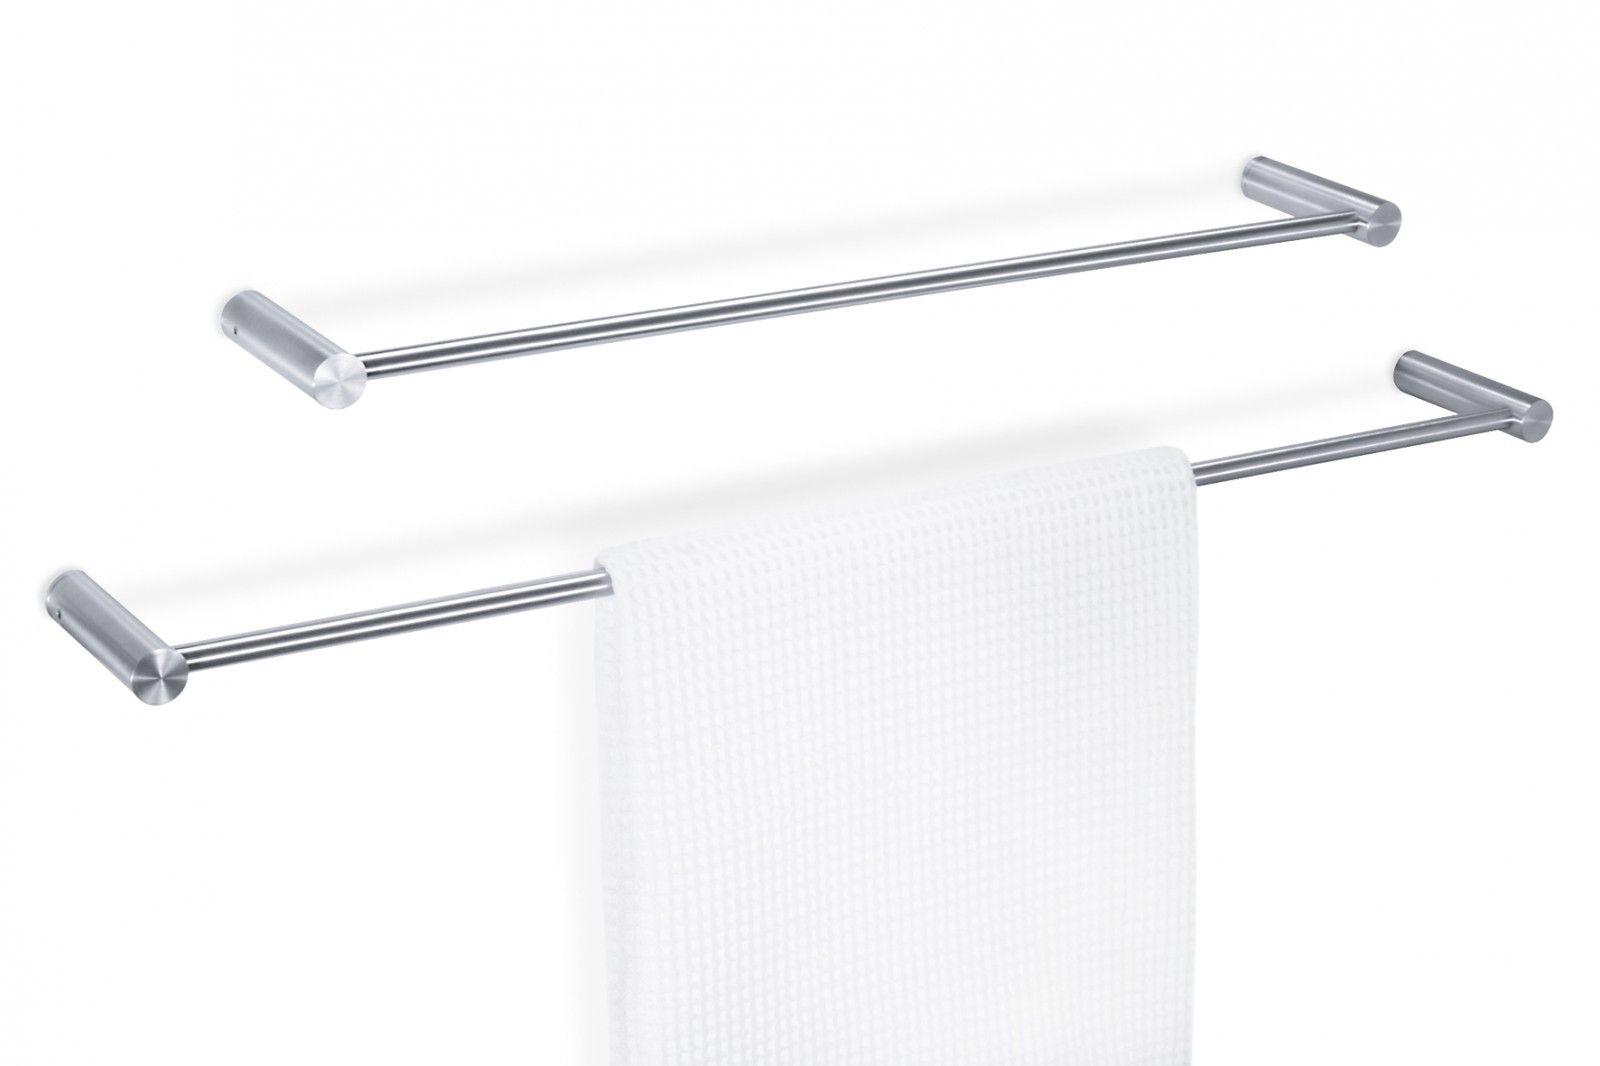 ZACK Edelstahl Handtuchhalter CIVIO Handtuchstange 60 cm